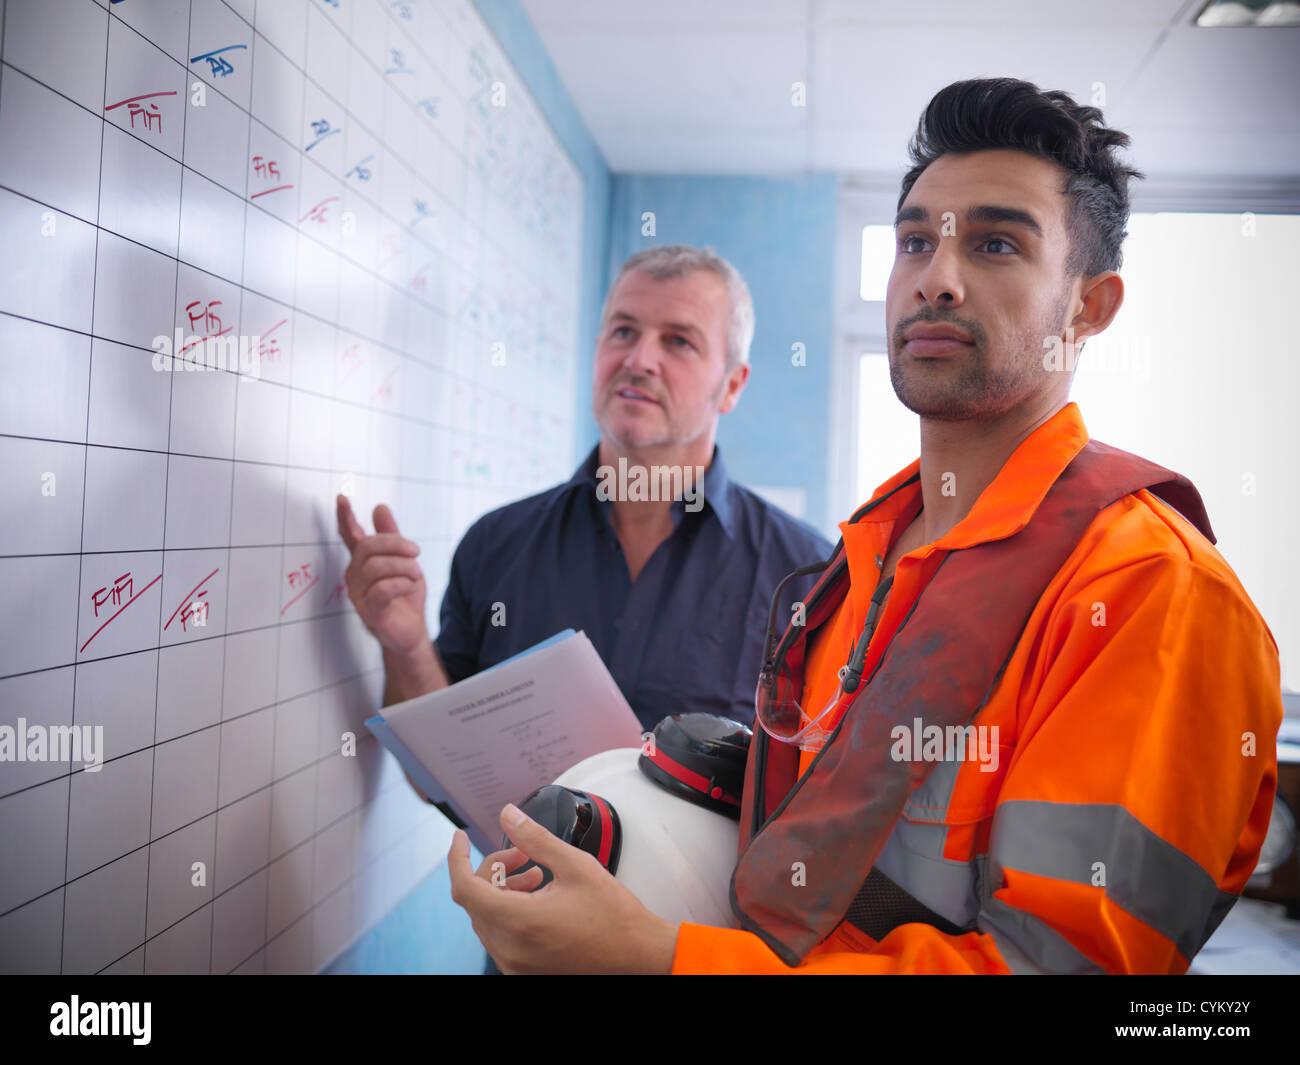 Lavoratori le operazioni di pianificazione a bordo Immagini Stock